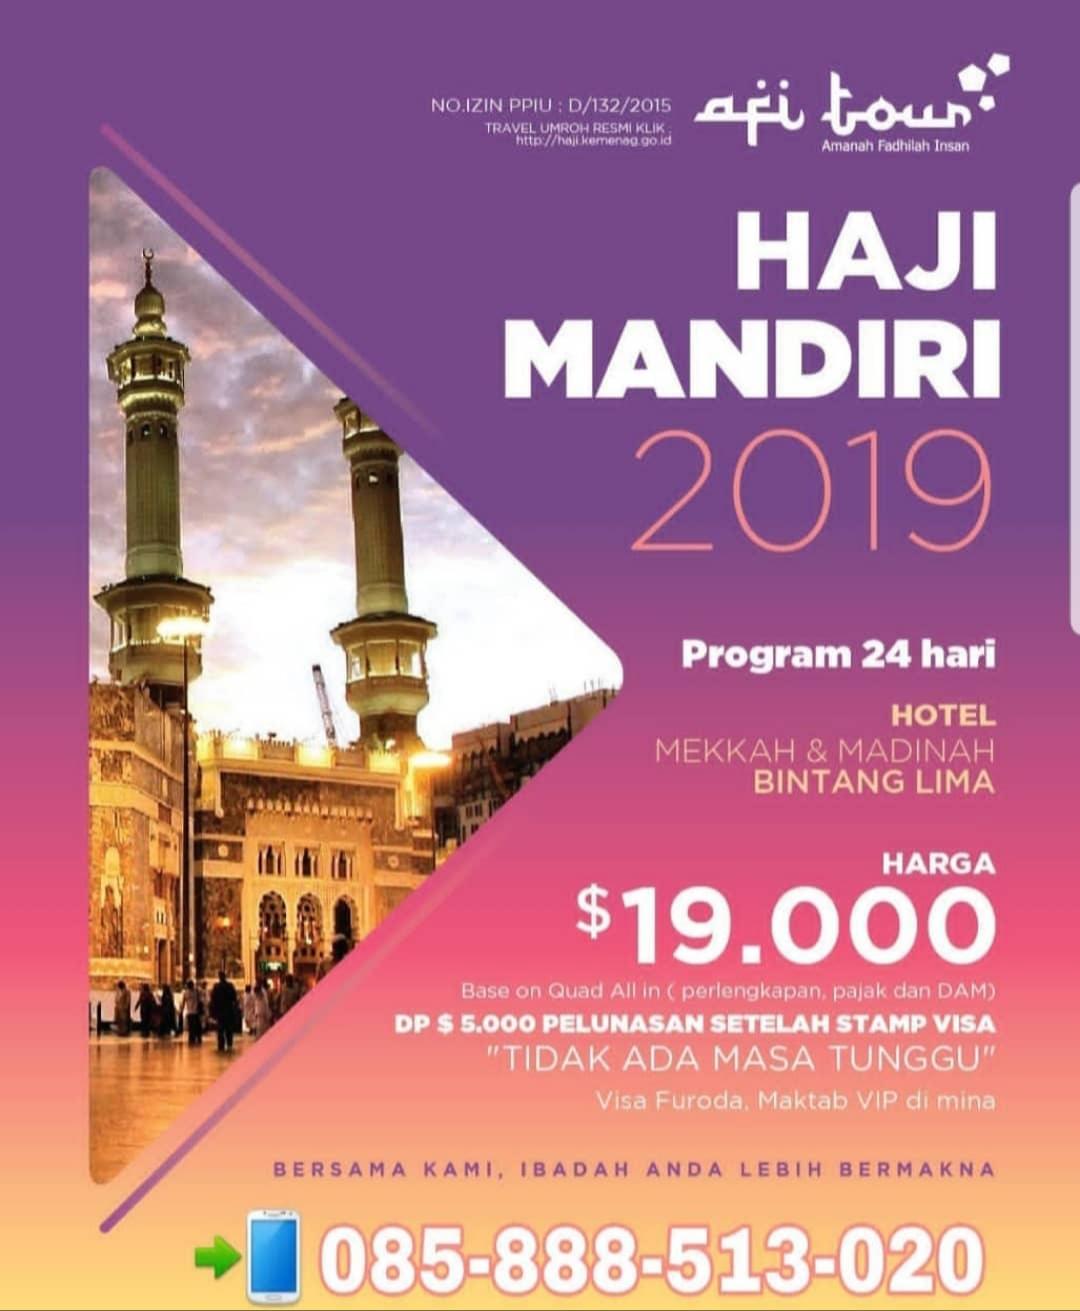 Promo Haji Mandiri 2019